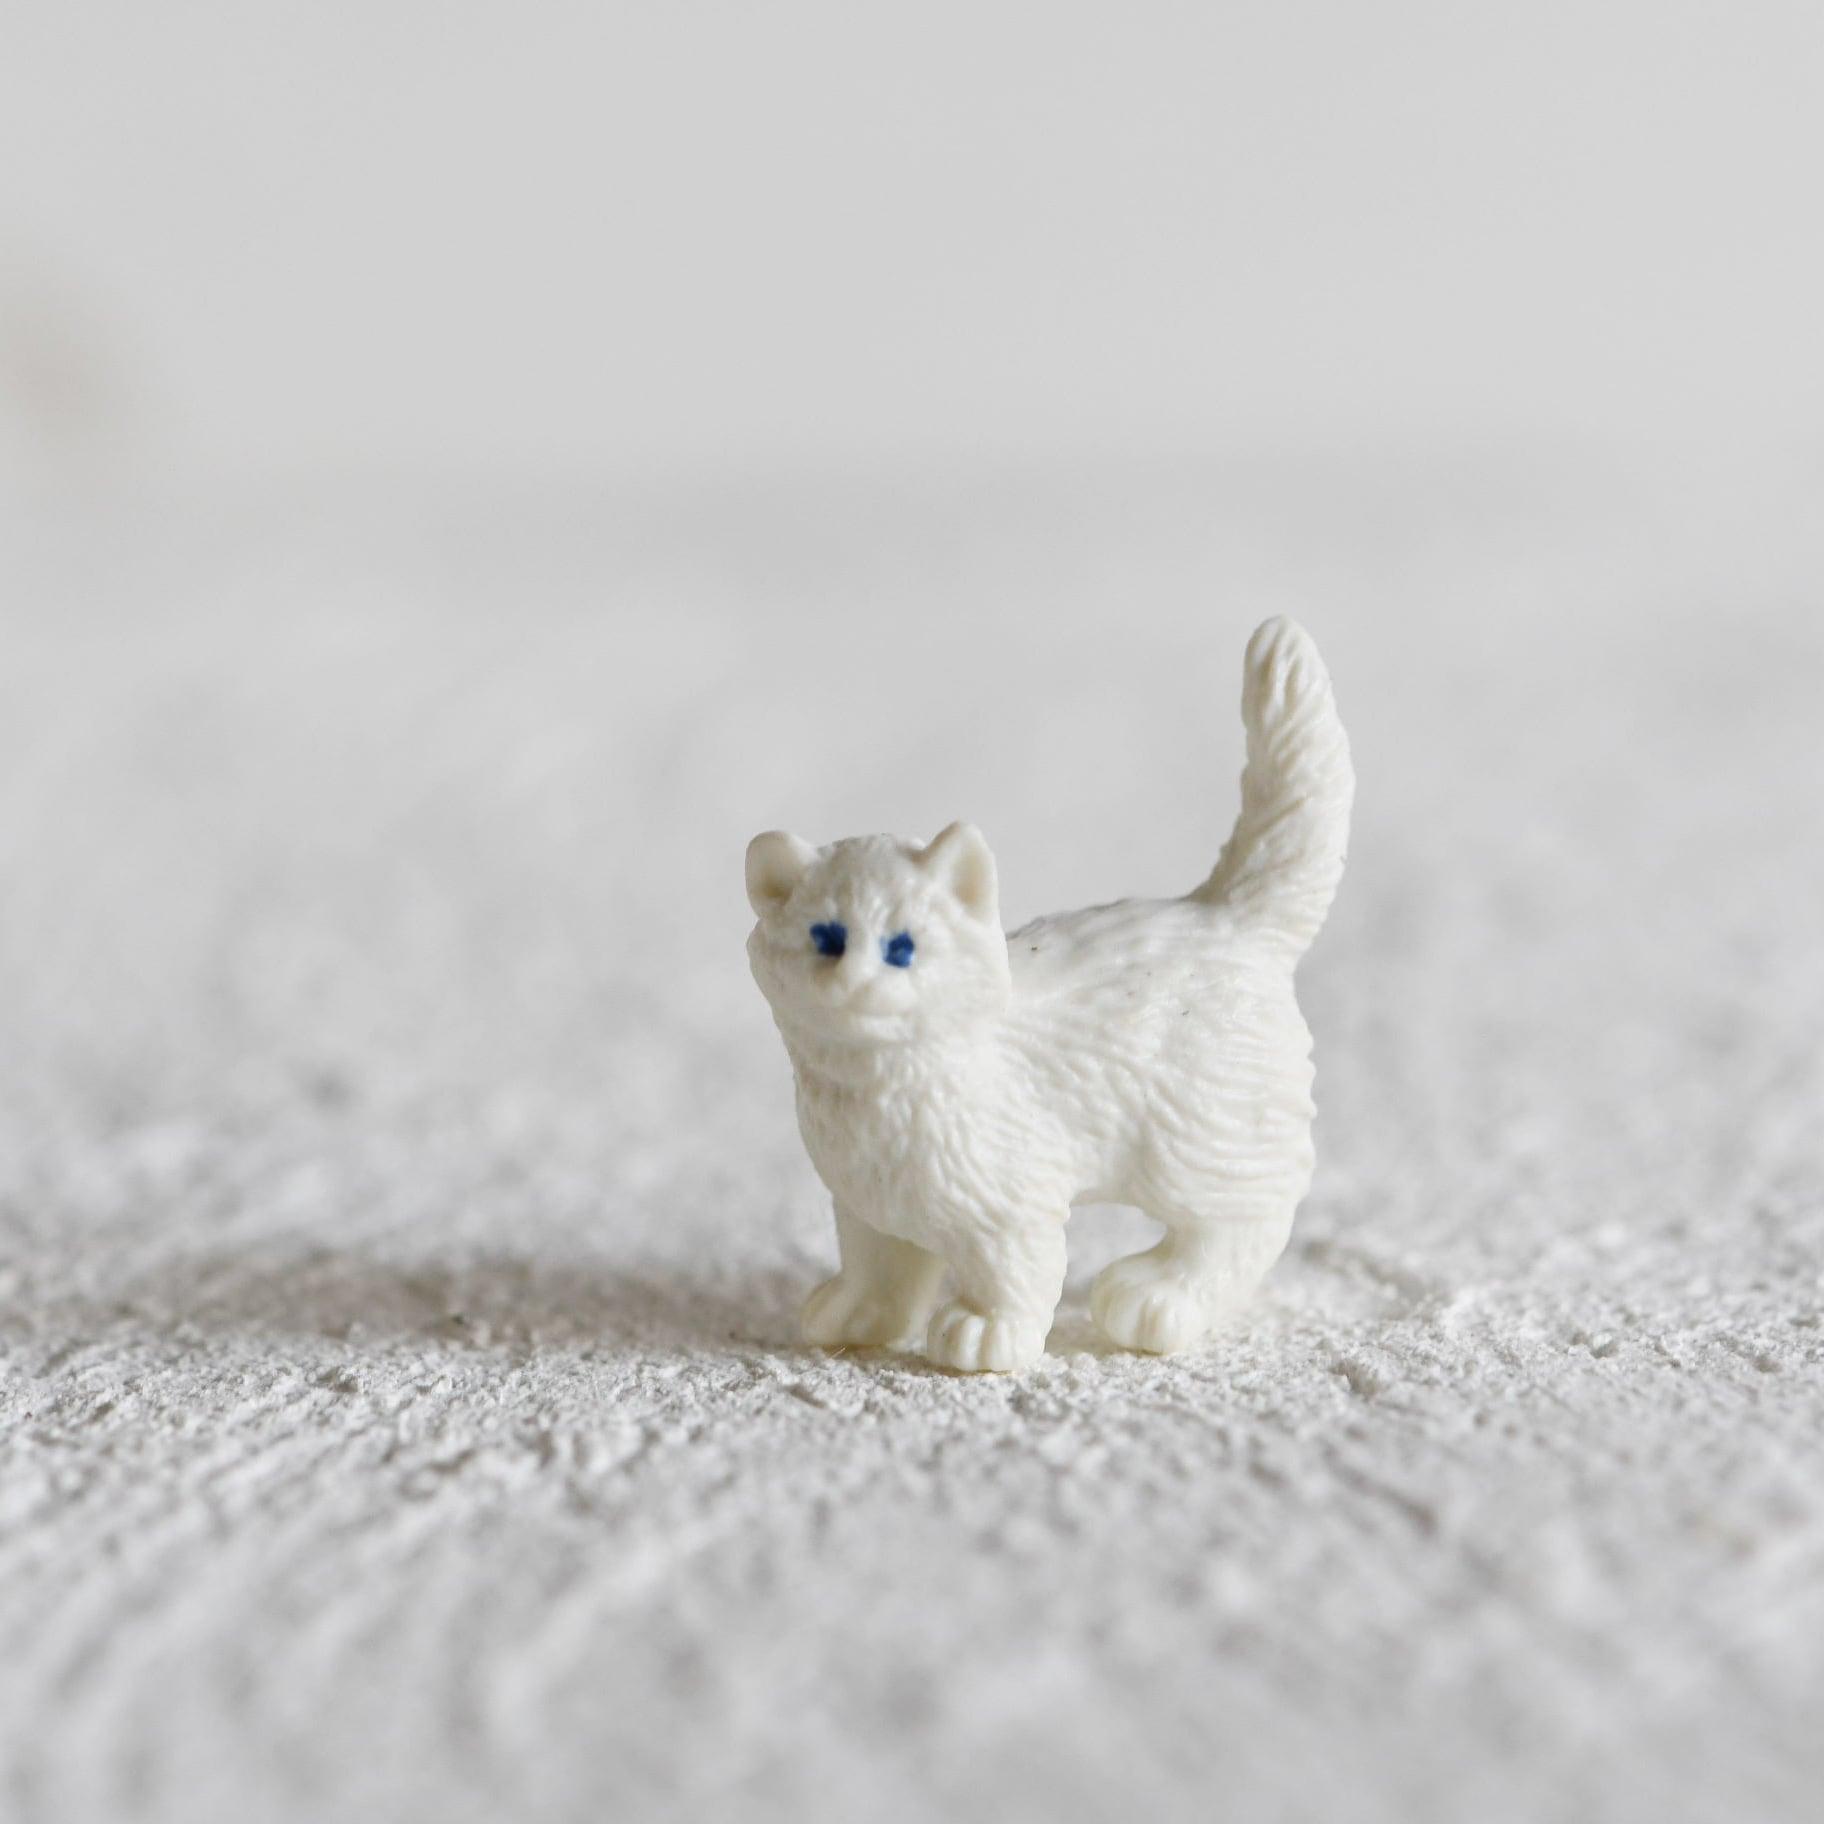 【レイアウト用】フィギュア 仔猫